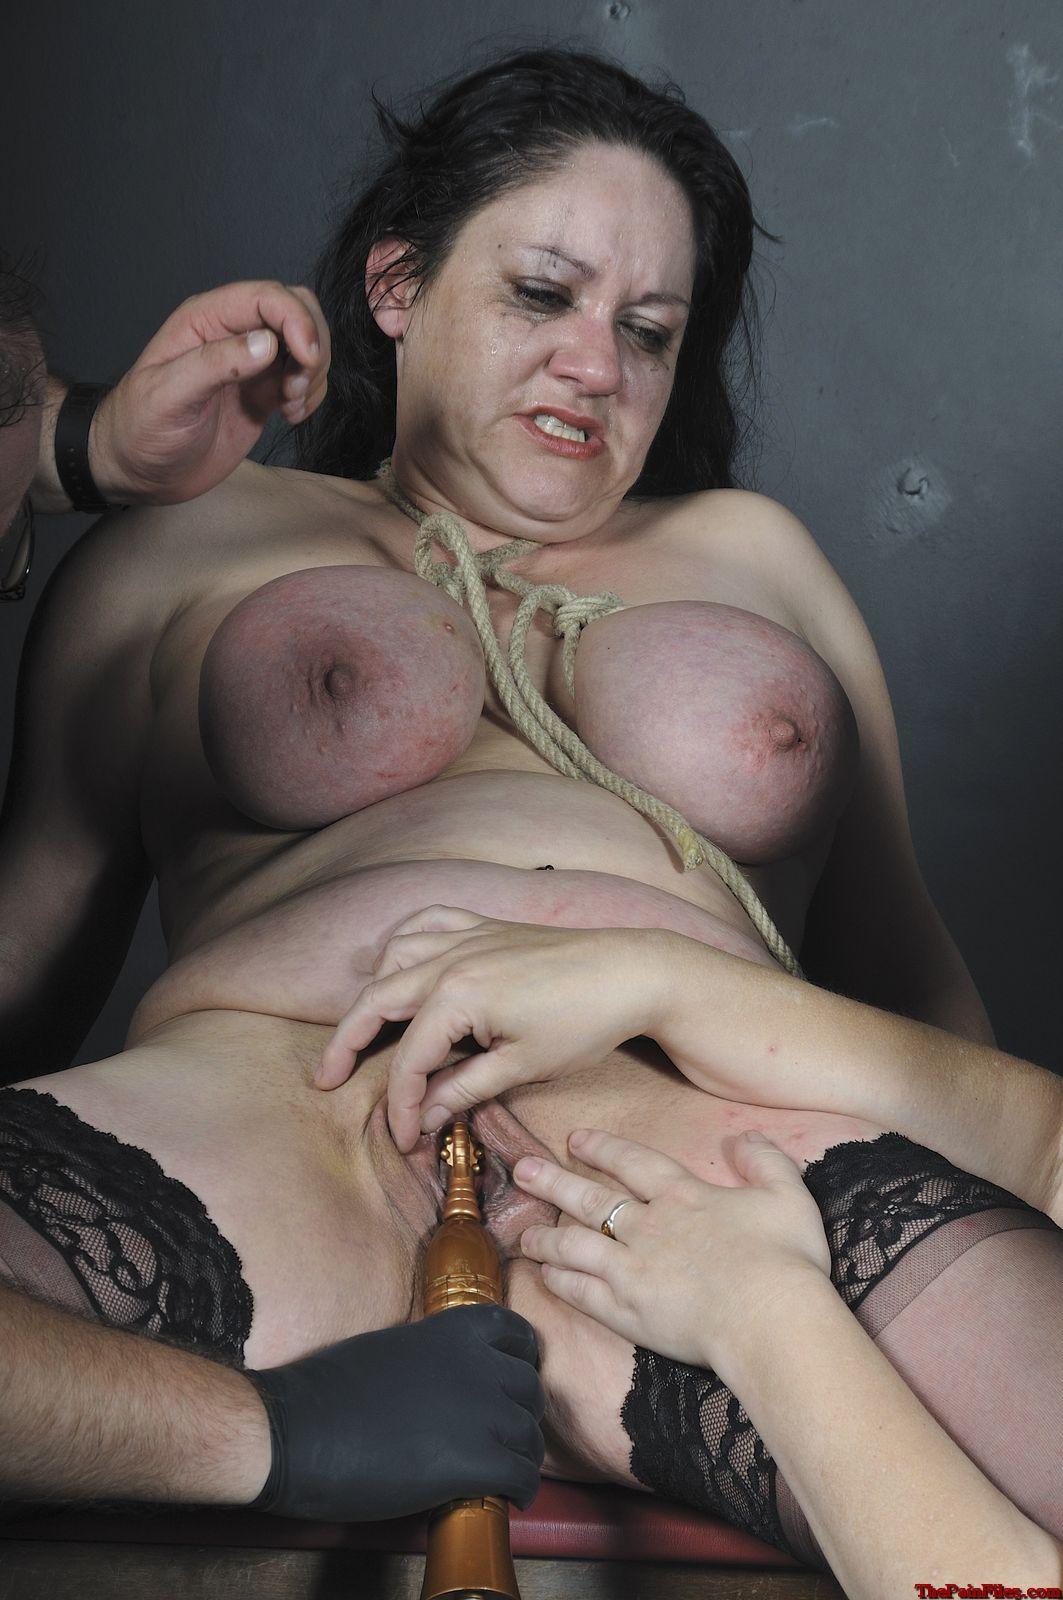 Самое жесткое жестокое порно 3 фотография